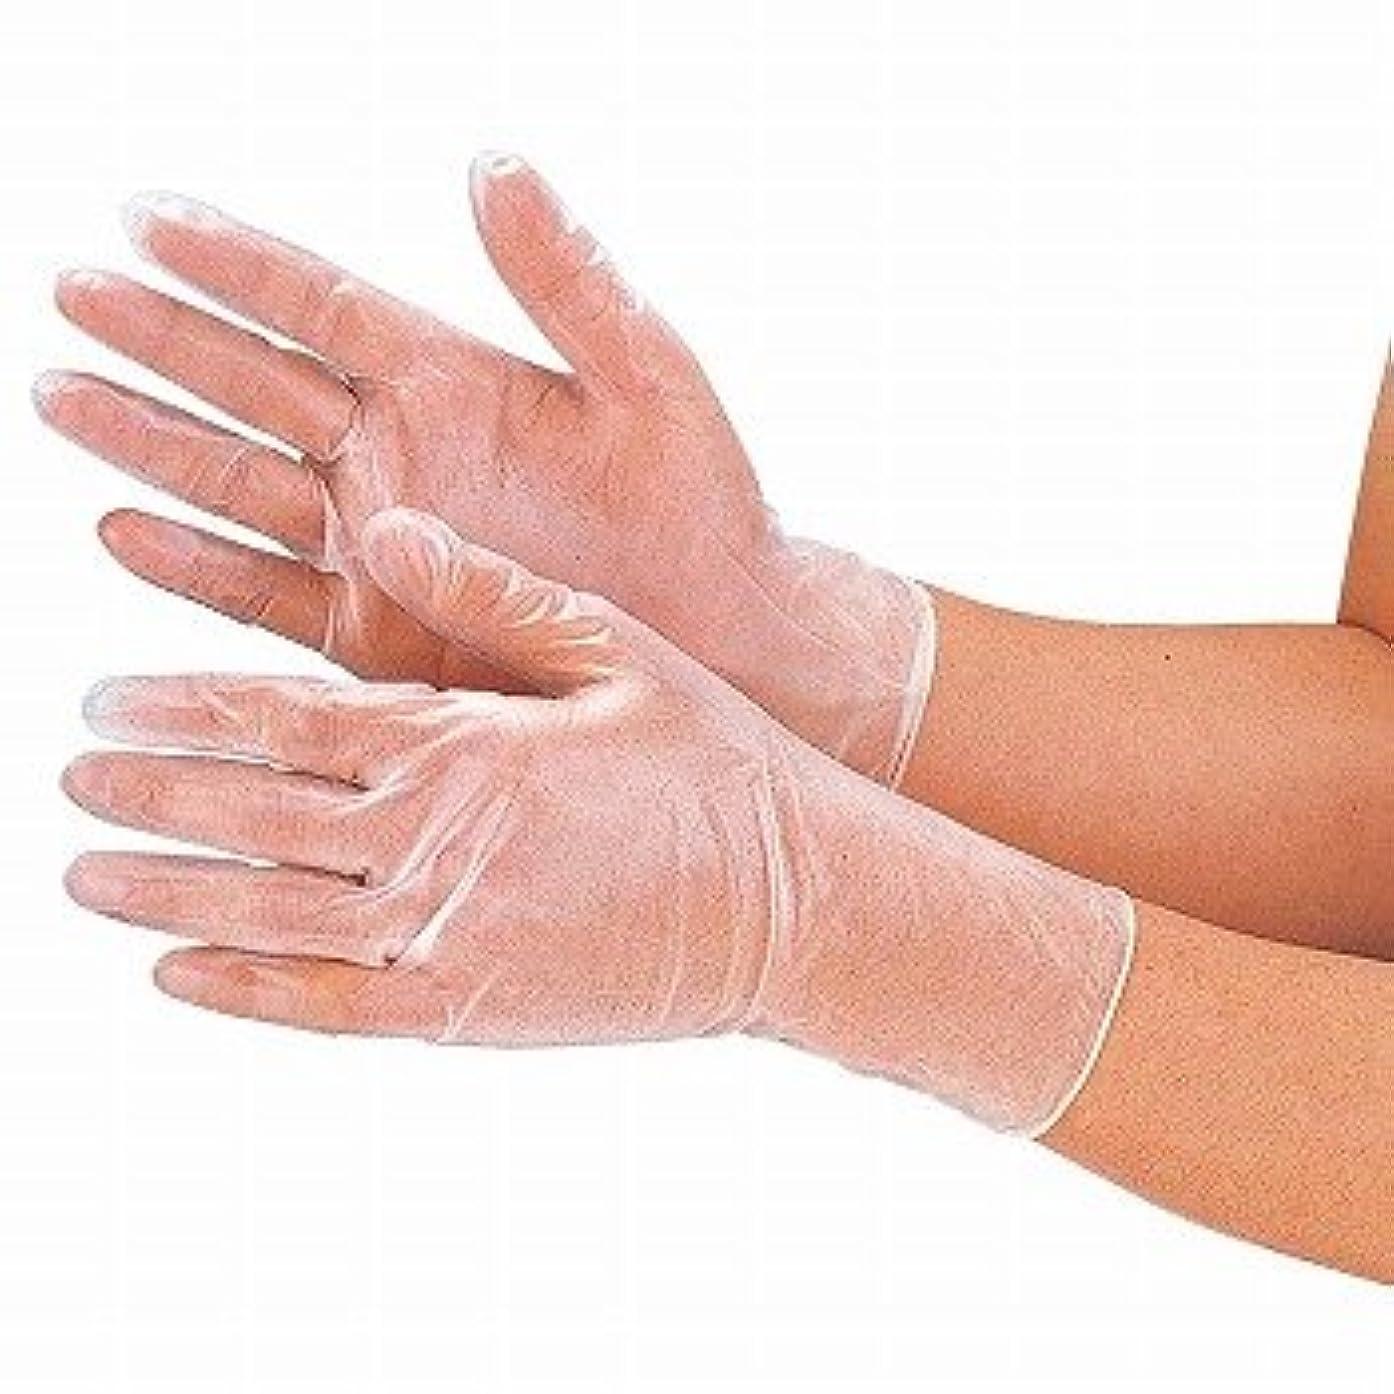 不良ヘリコプターいたずらなおたふく手袋/抗菌プラスチックディスポ手袋 100枚入×12セット[総数1200枚]/品番:250 サイズ:L